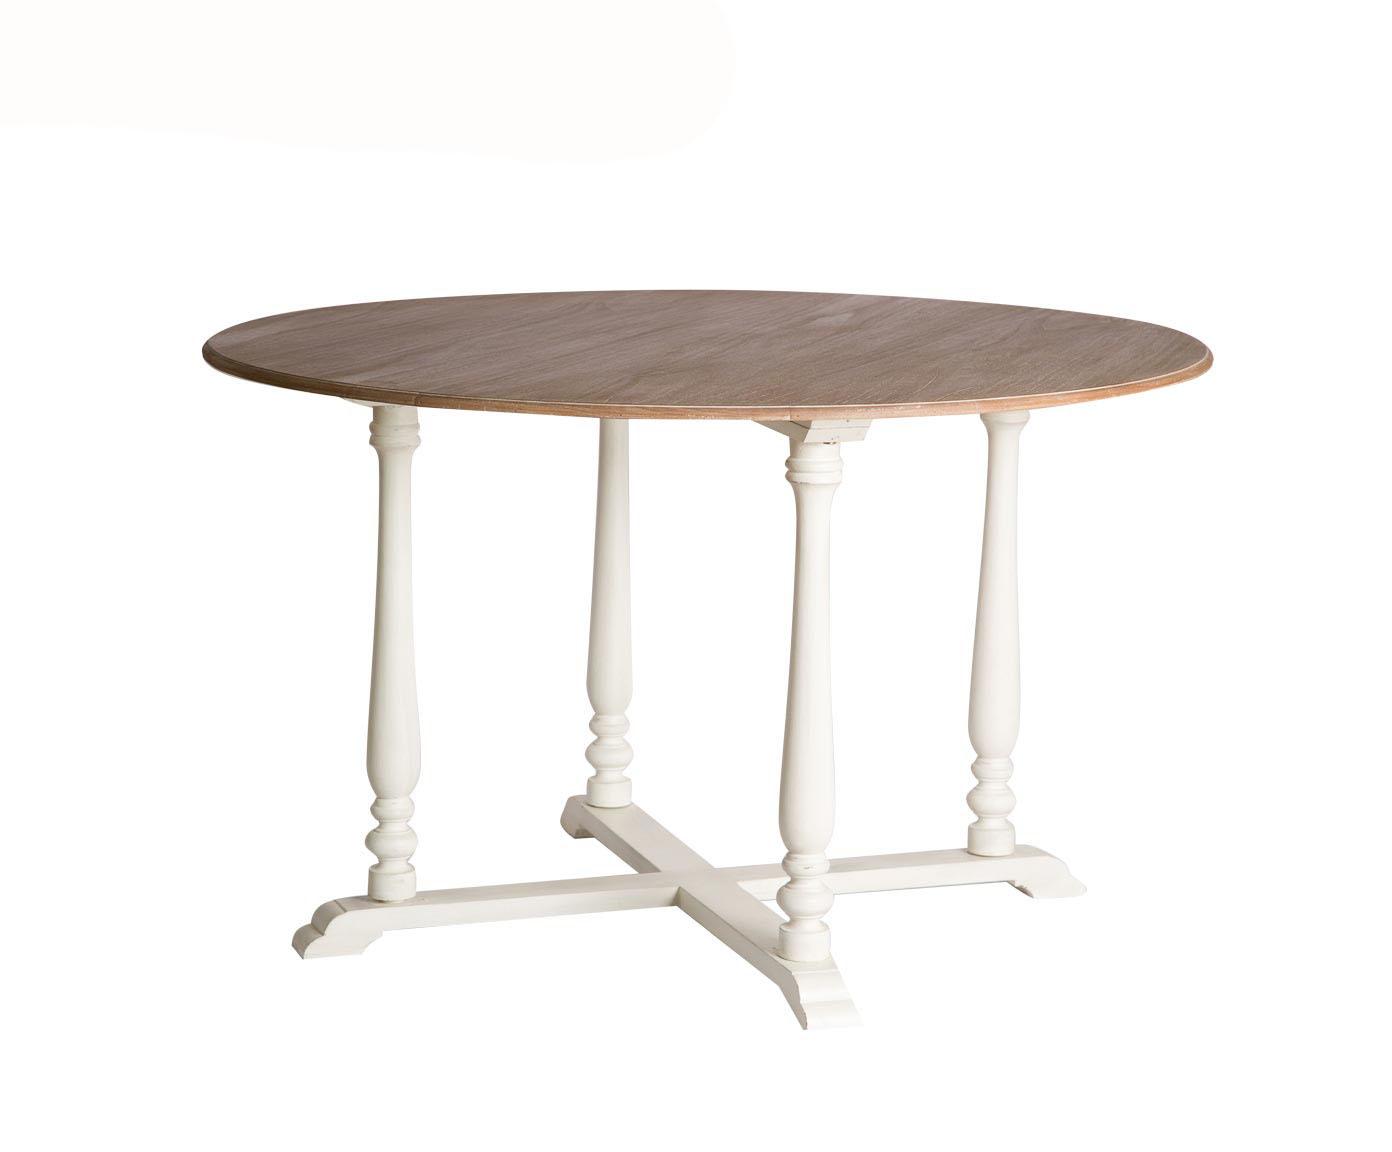 Обеденный столОбеденные столы<br>Круглый обеденный стол из массива красного дерева несравненно красив. Это благодаря мягкому контрасту между натуральным деревом, из которого выполнена столешница, и покрытием изогнутых, изящных ножек белого цвета с эффектом потертости. За таким столом будет приятно собраться всей семьей или в кругу любимых друзей.<br><br>Material: Красное дерево<br>Length см: None<br>Width см: None<br>Depth см: None<br>Height см: 78<br>Diameter см: 125